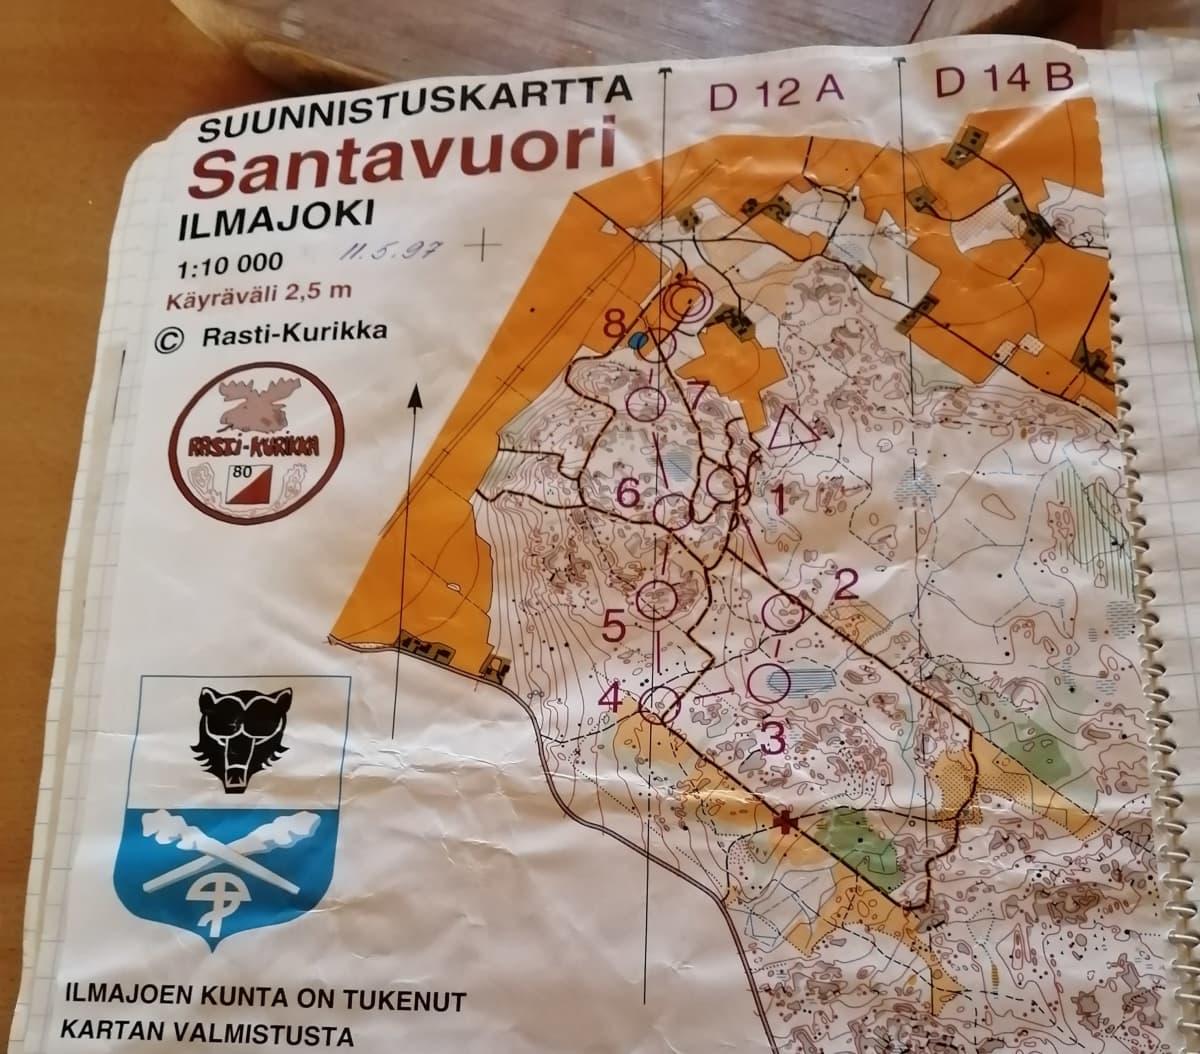 Suunnistuskartta 11.5.1997 kisoista Ilmajoelta.